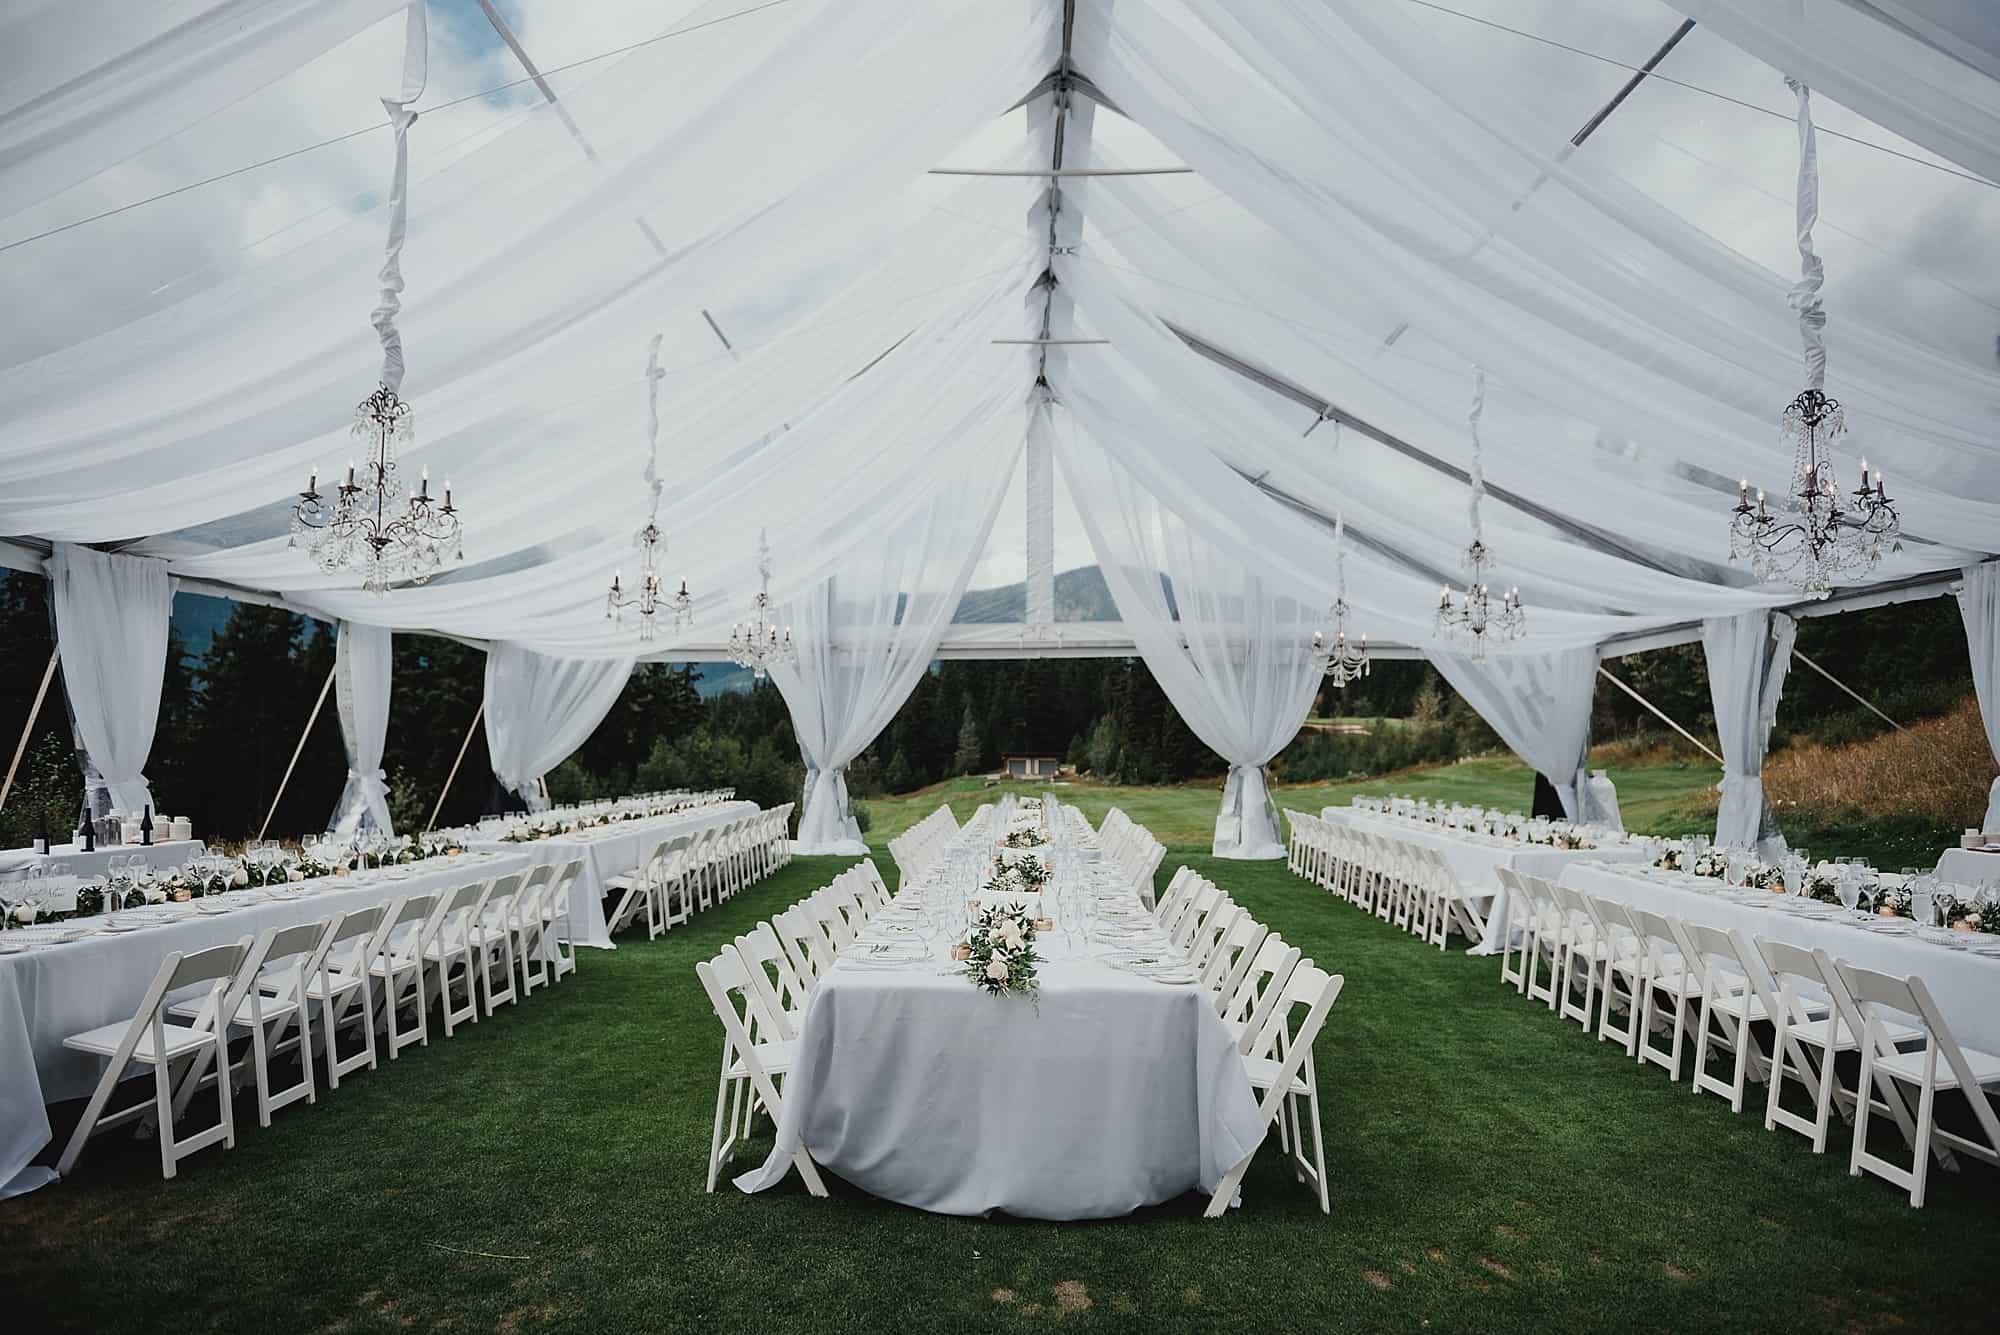 tent wedding reception at whistler fairmont mountain view lawn